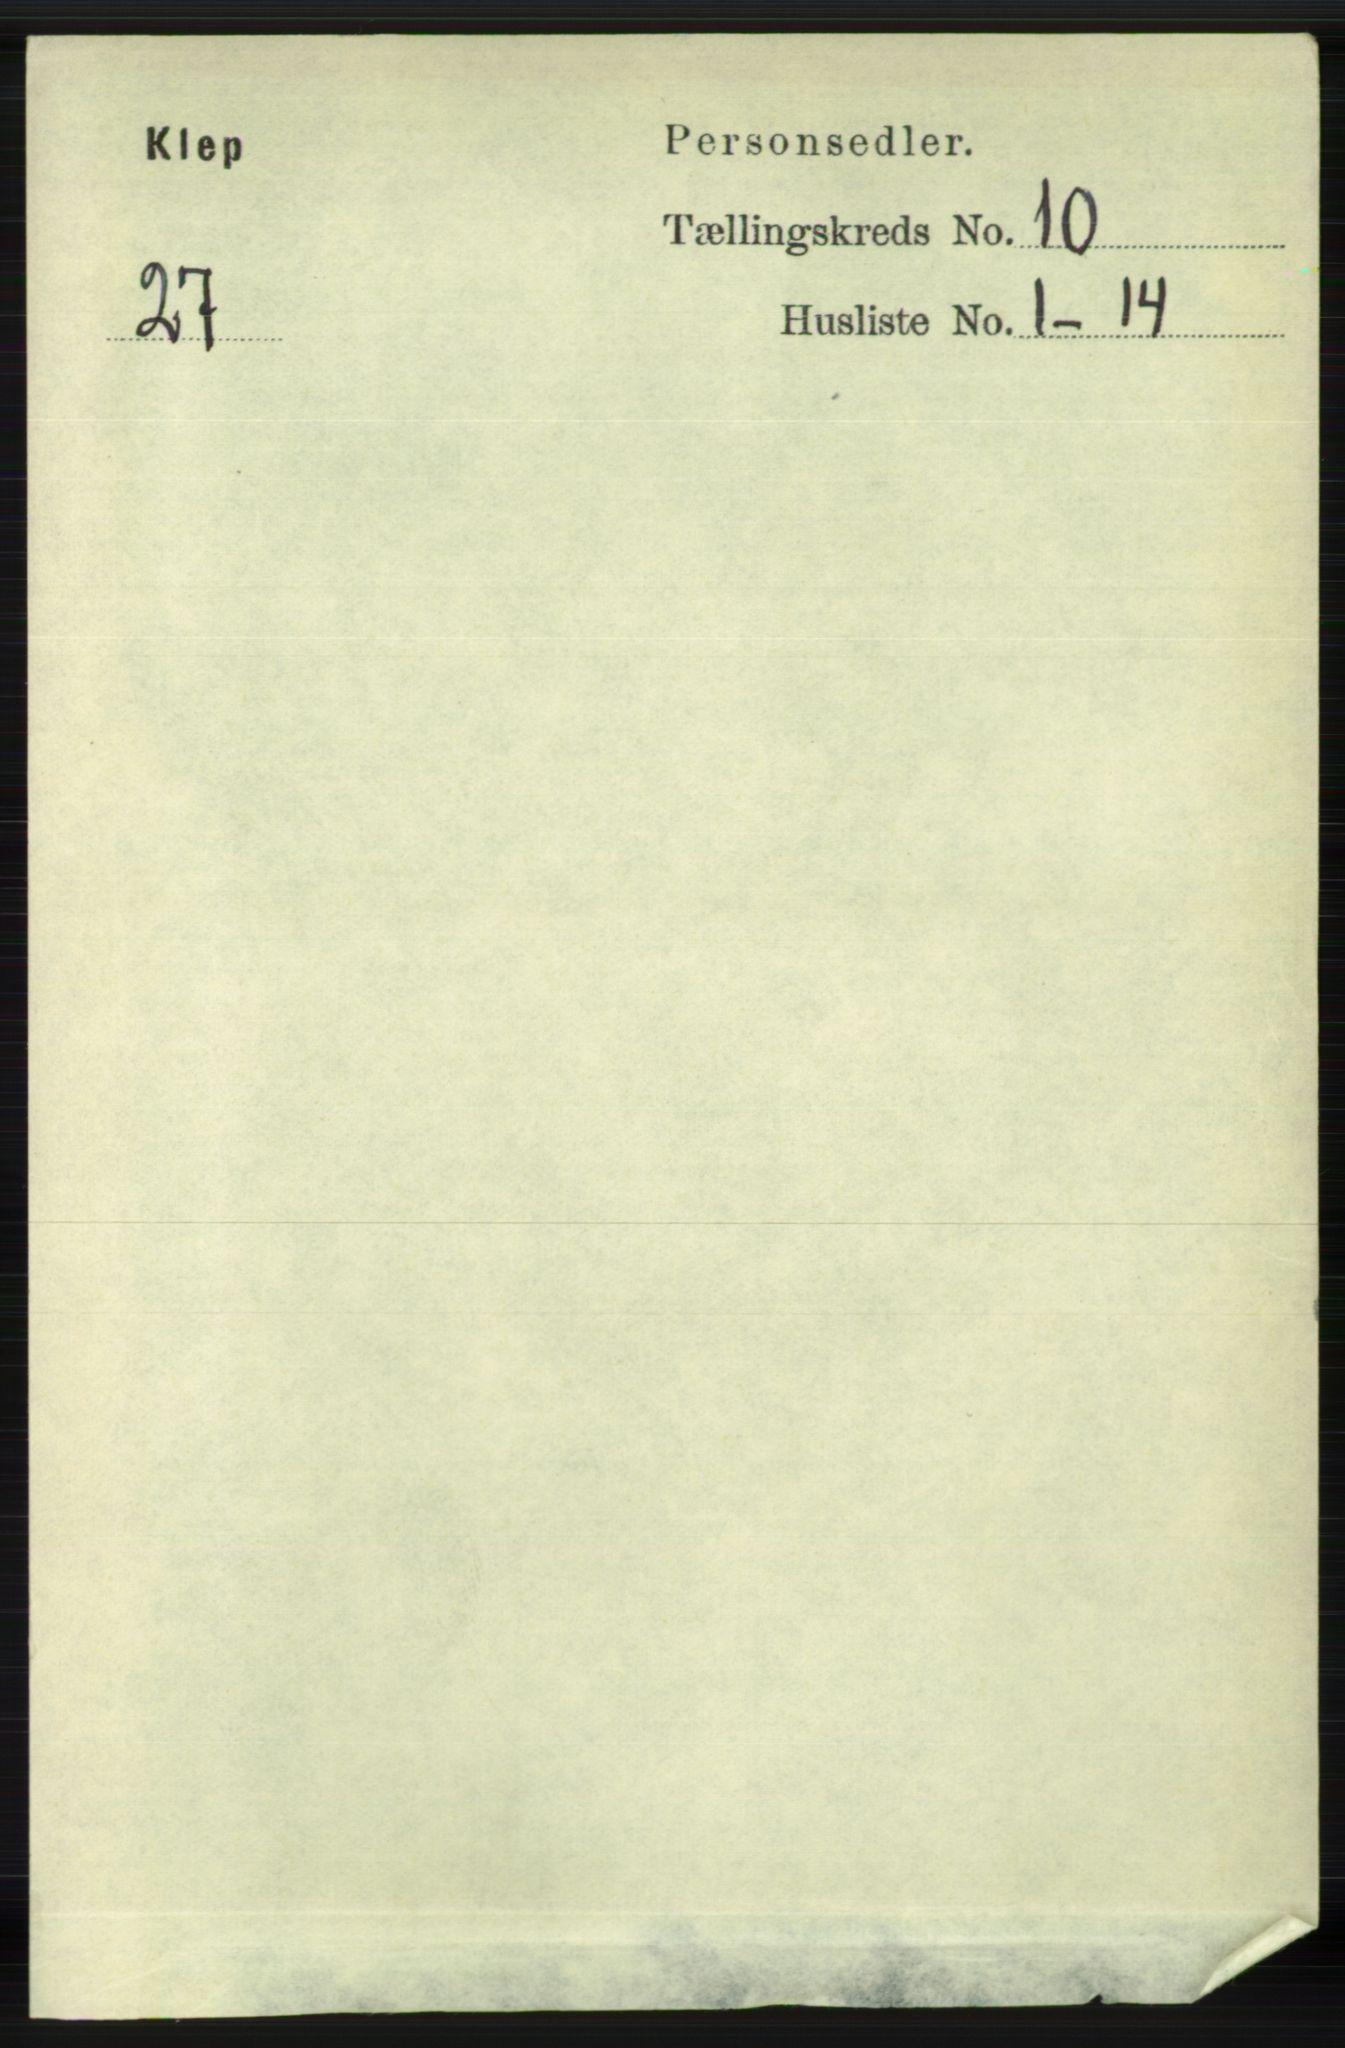 RA, Folketelling 1891 for 1120 Klepp herred, 1891, s. 2851